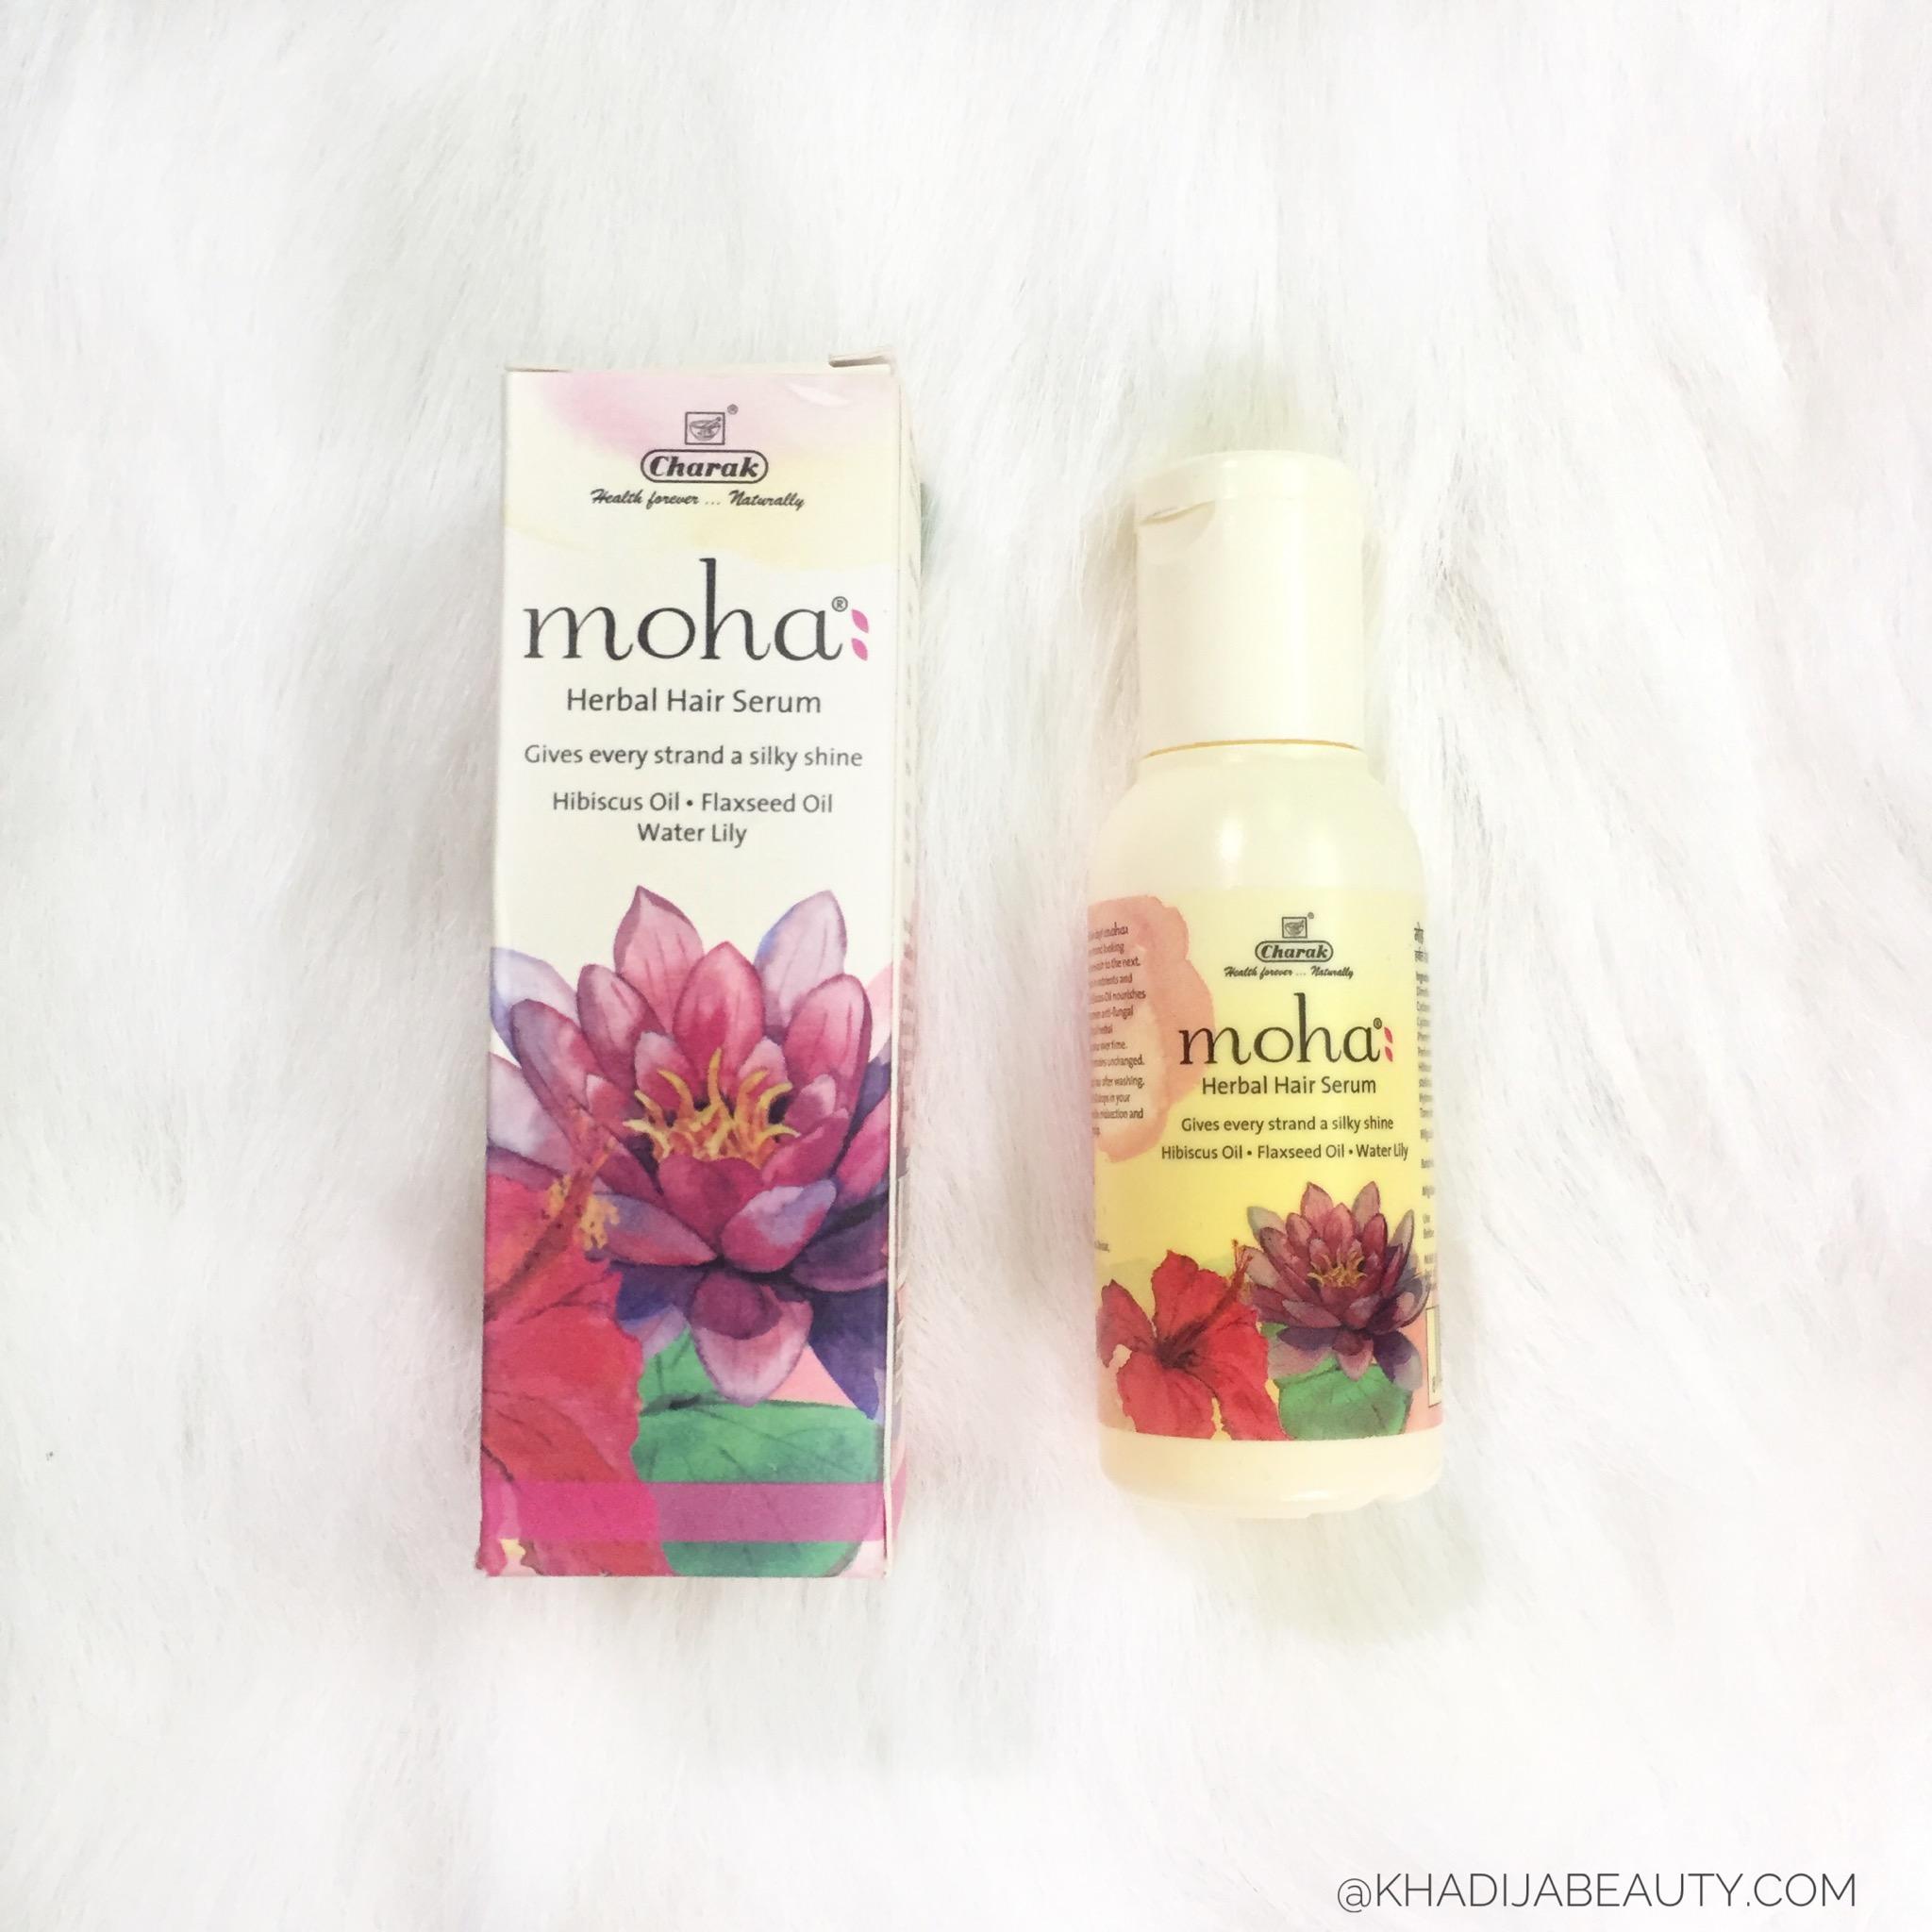 moha 5 in 1 hair oil review, moha herbal hair serum reiew, khadja beauty